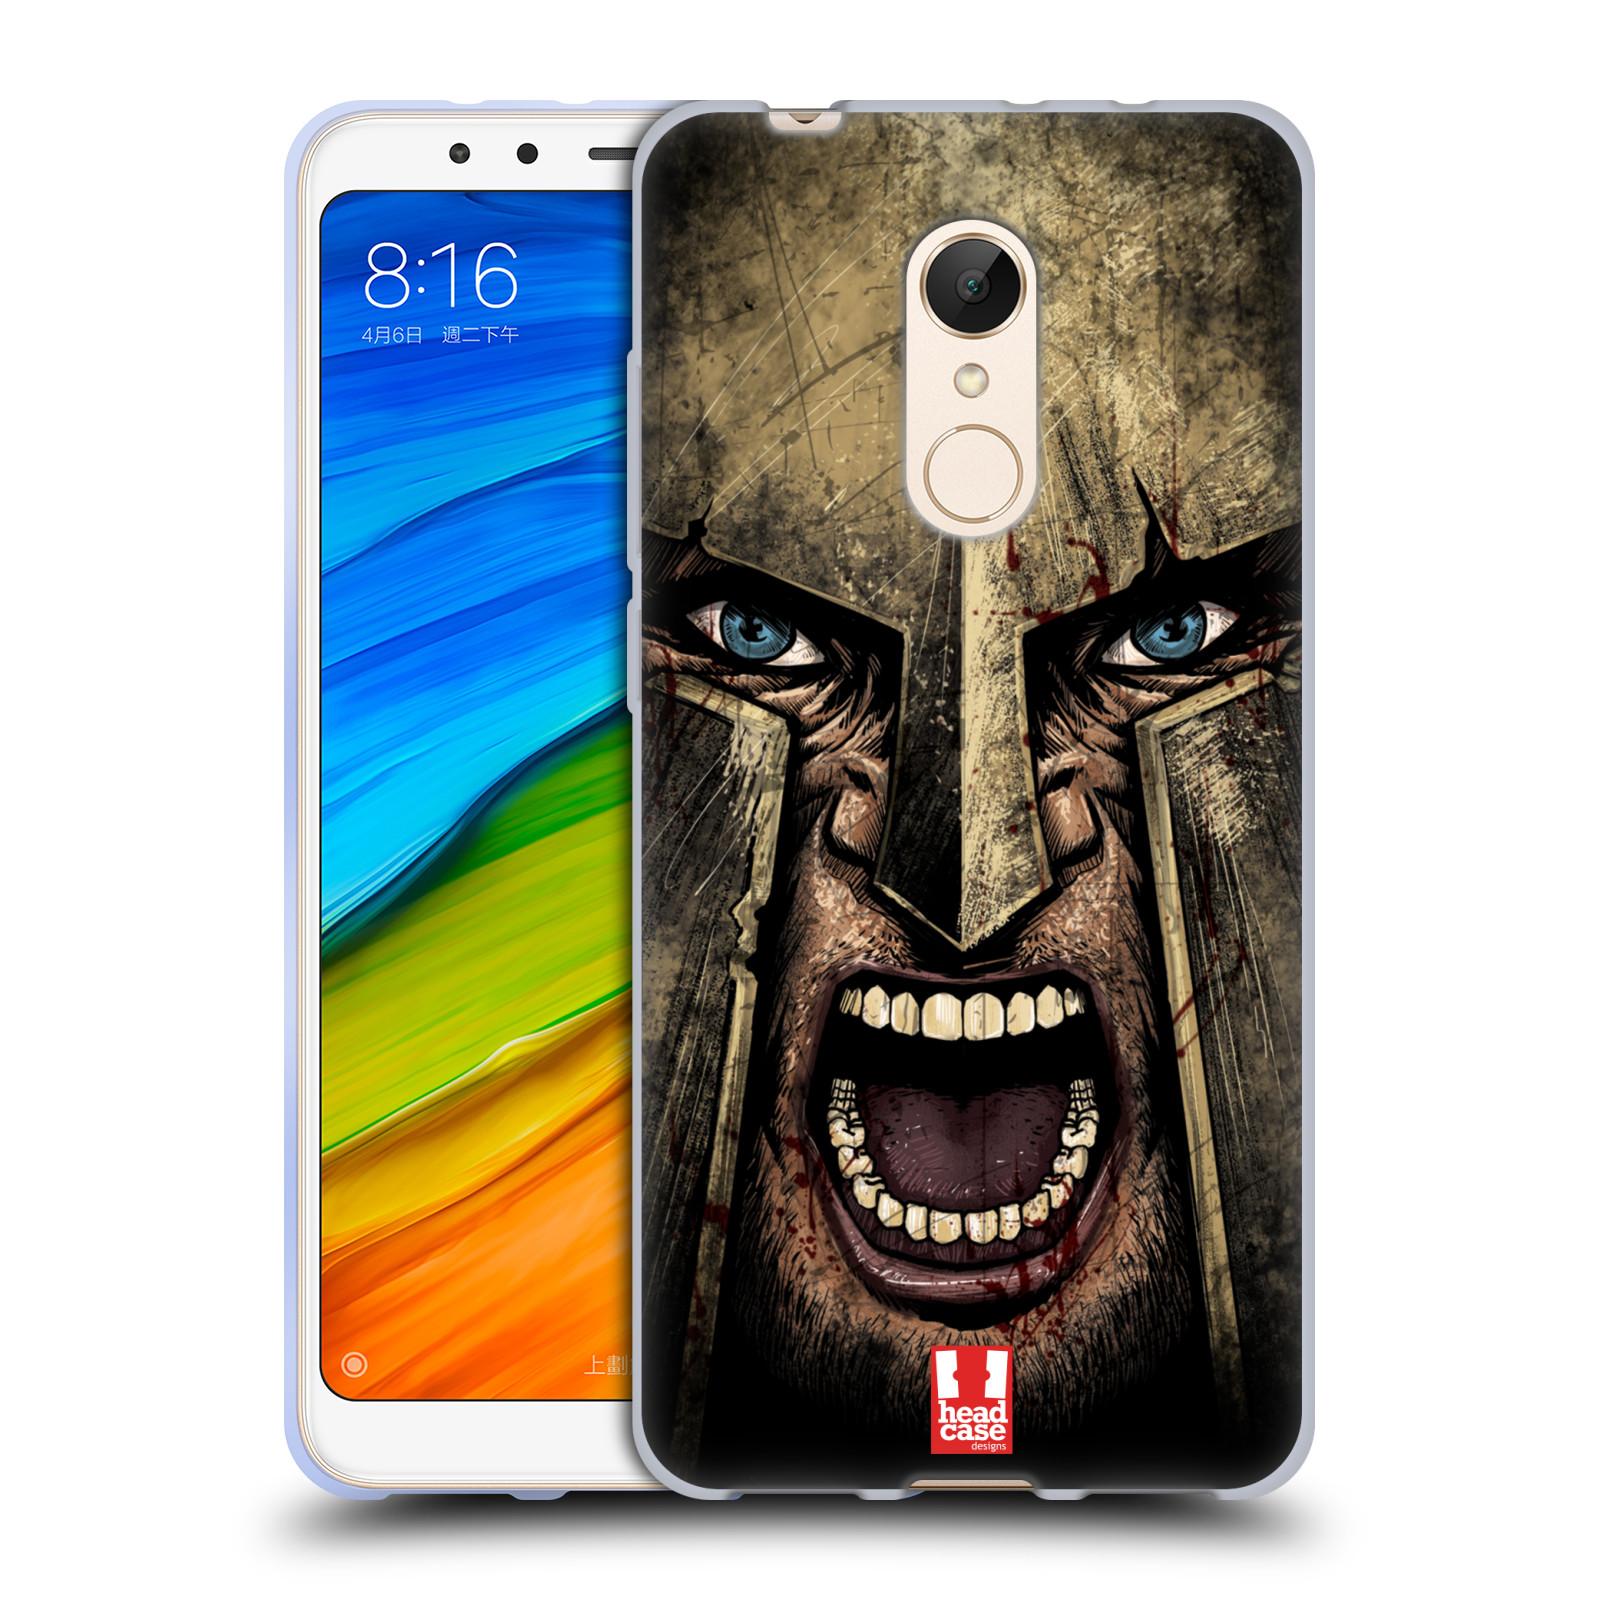 Silikonové pouzdro na mobil Xiaomi Redmi 5 - Head Case - Řvoucí válečník